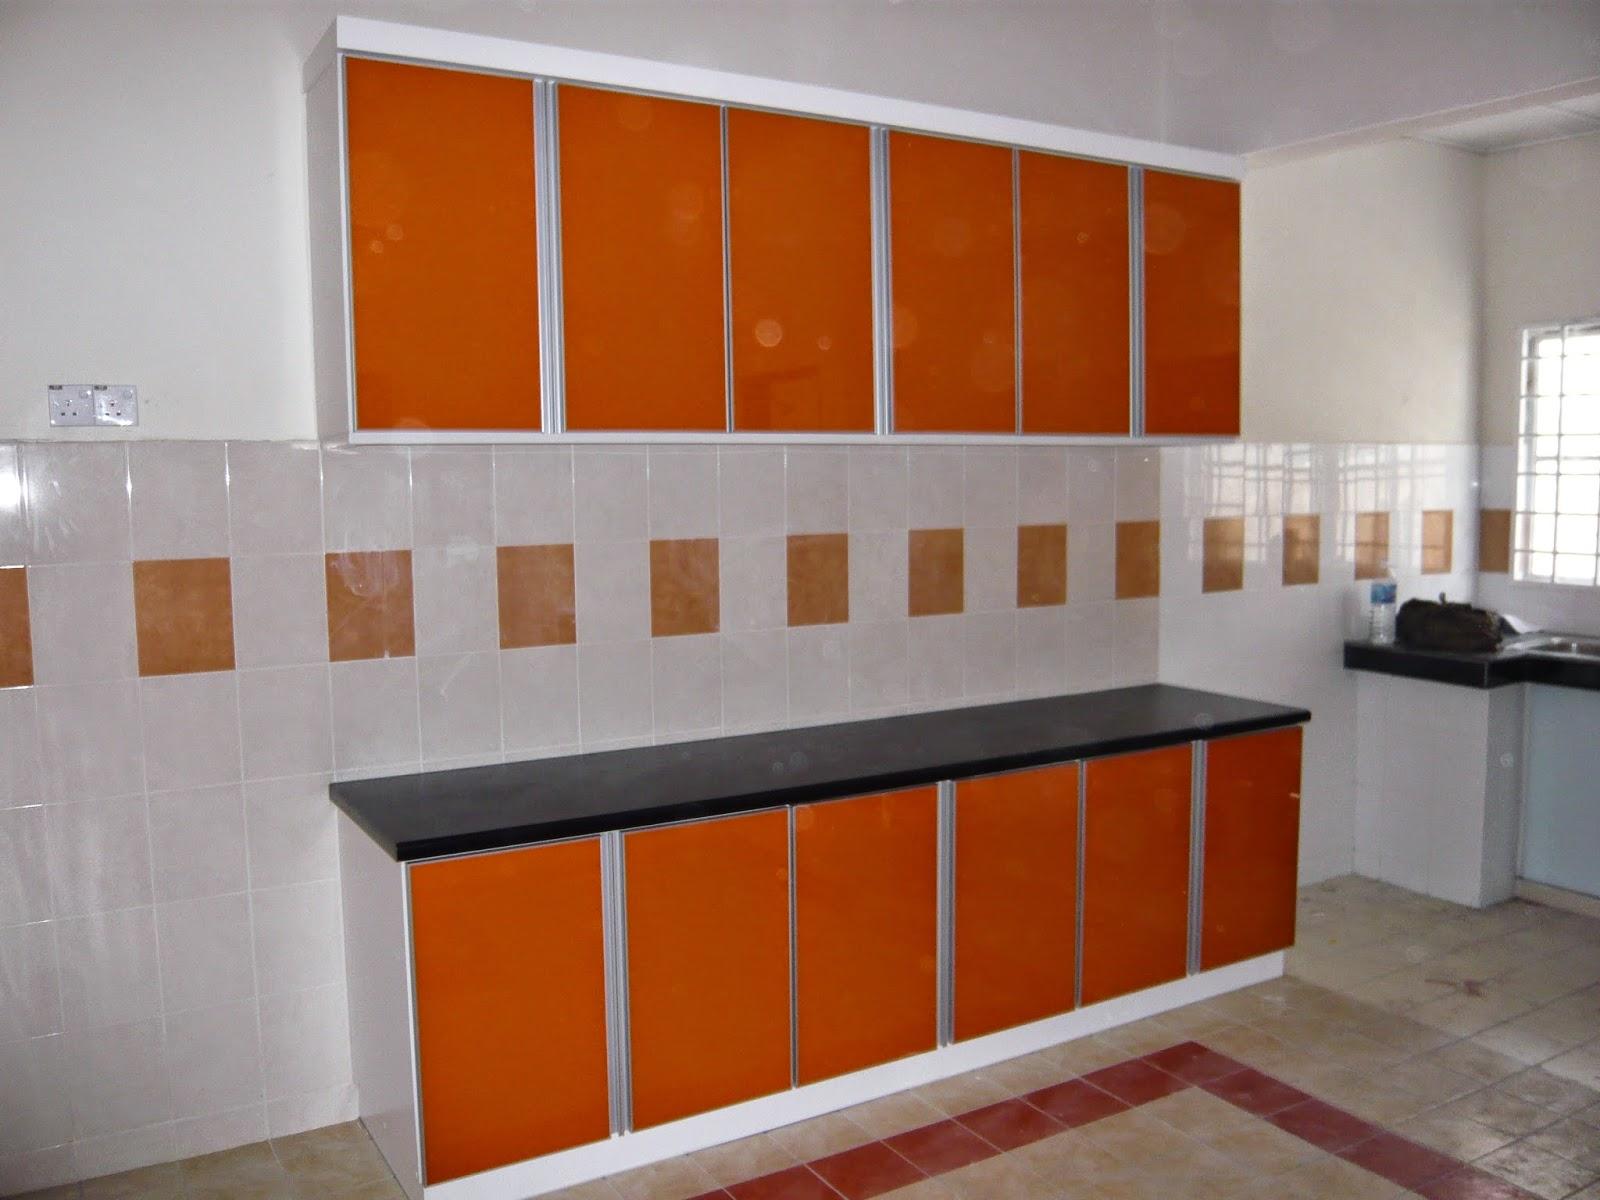 Kabinet Dapur Jenis 3g Warna Oren